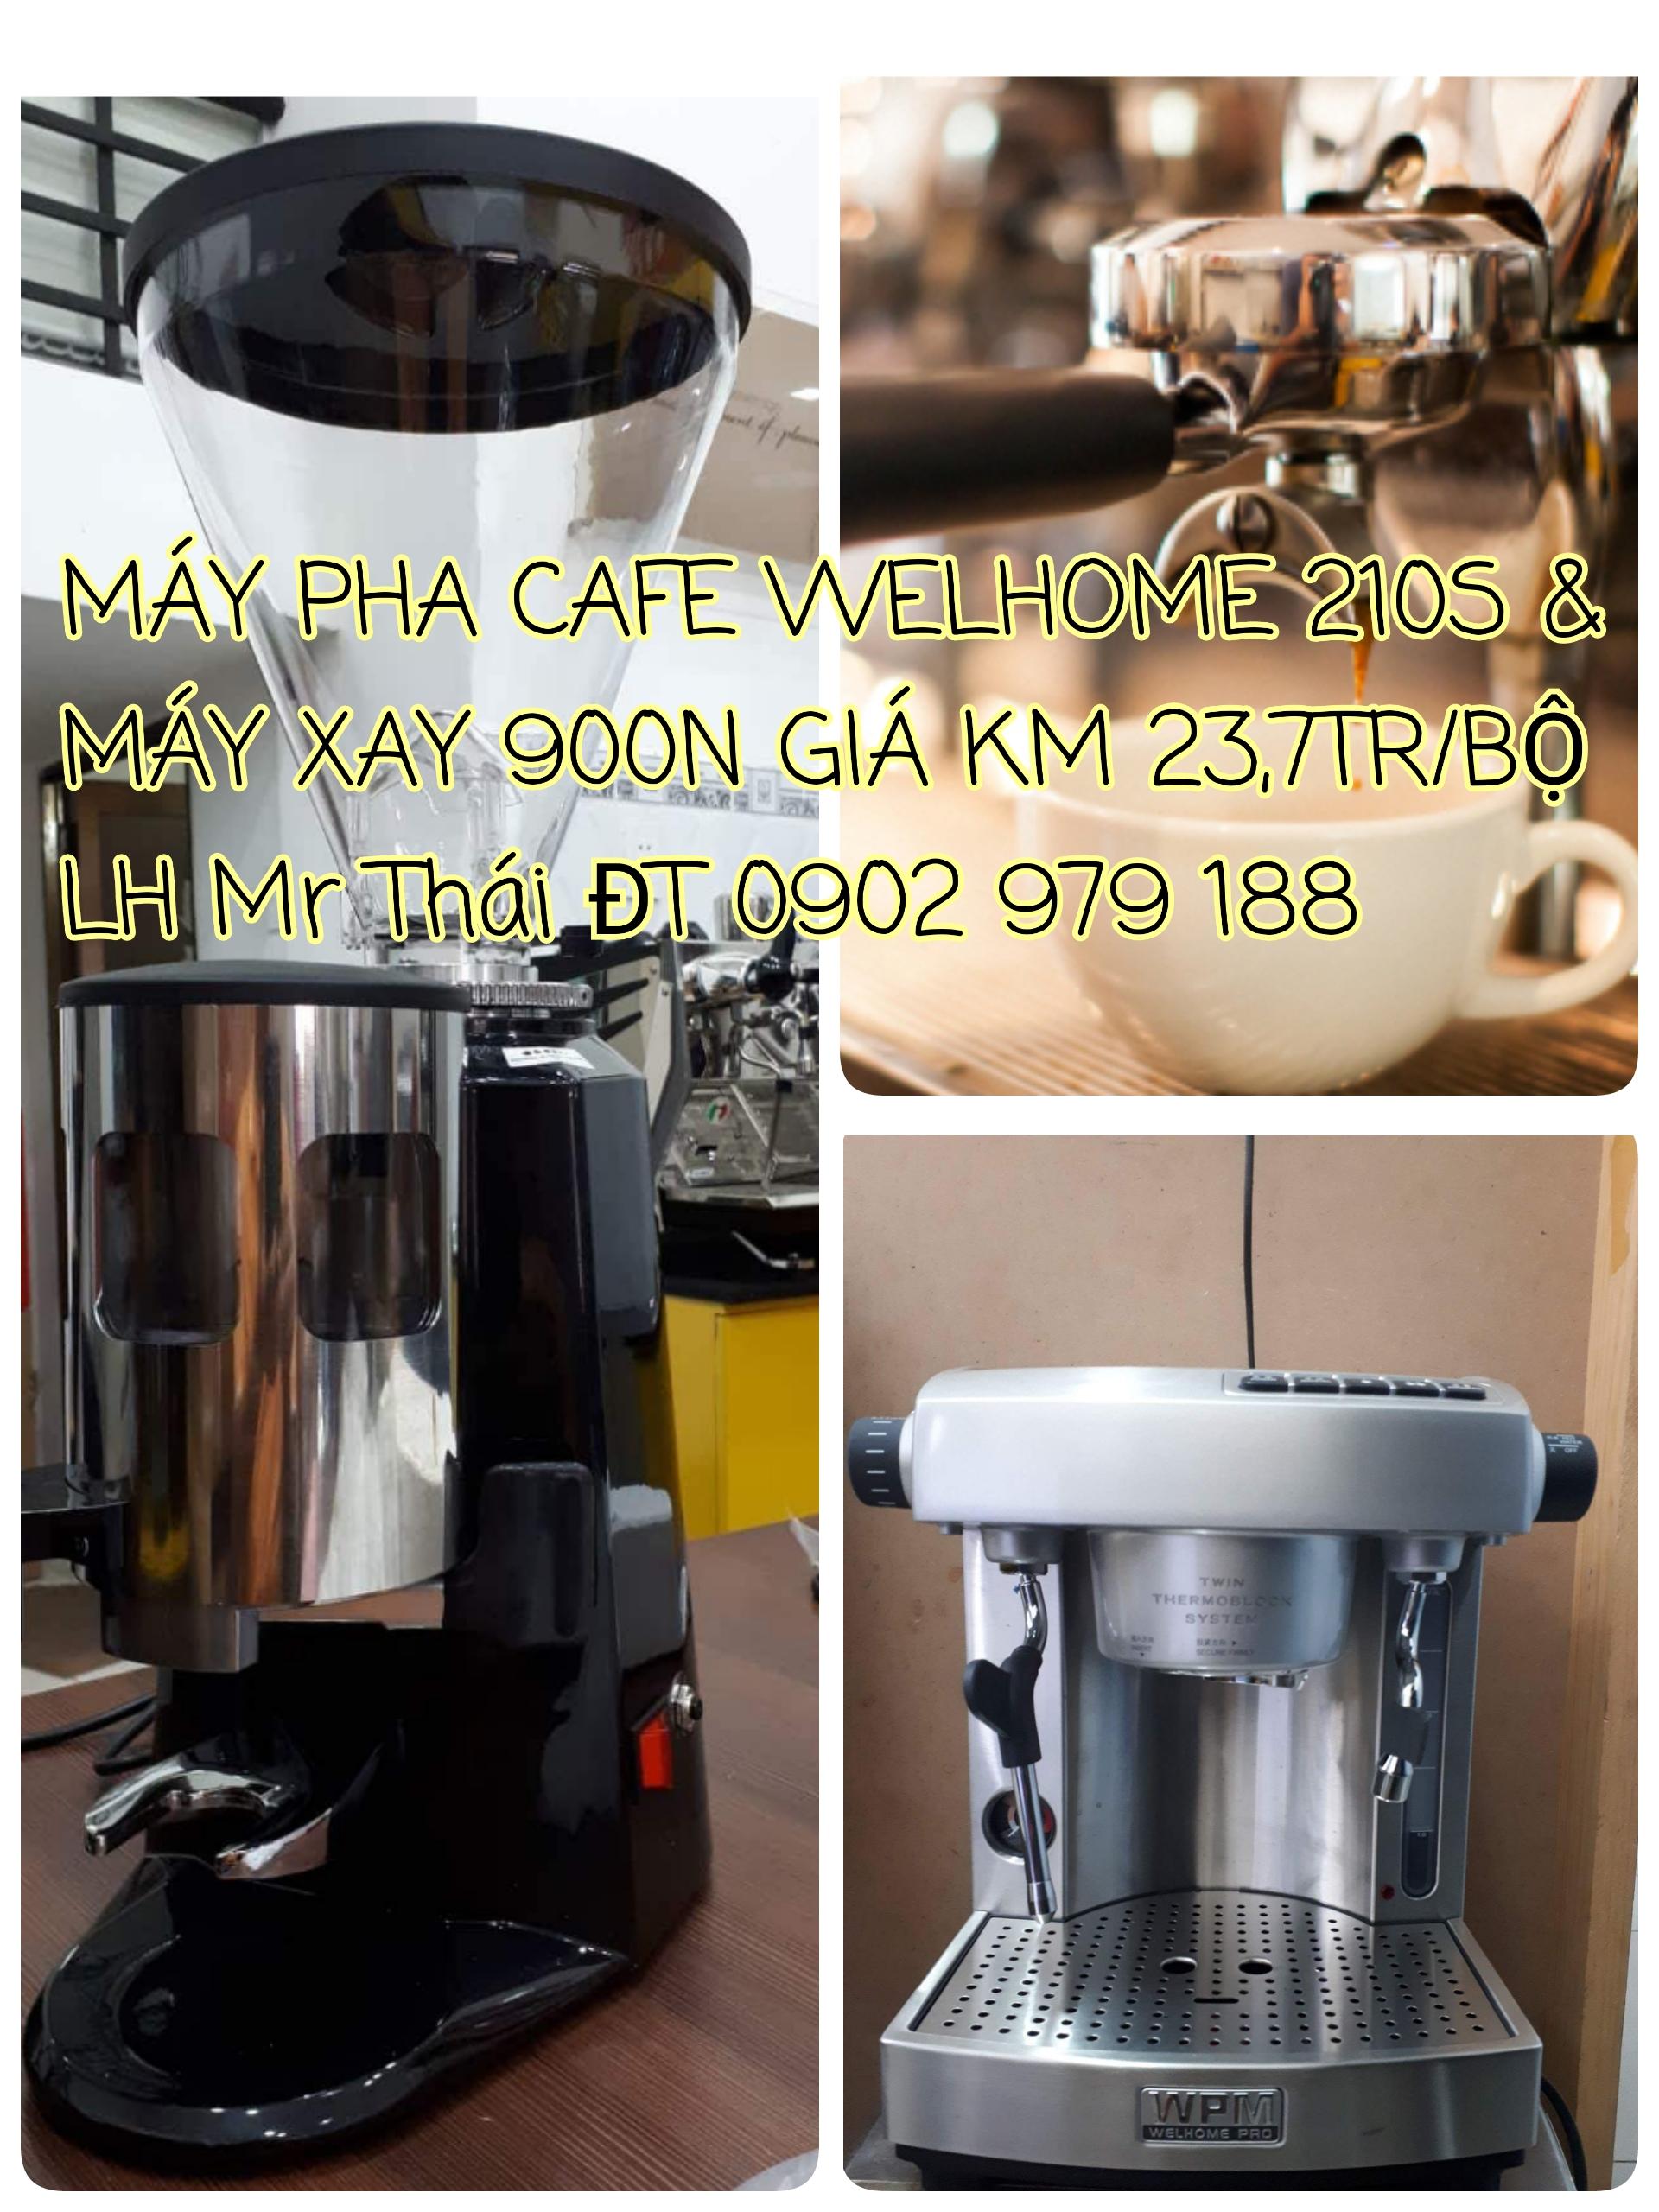 Chọn Máy Pha Cafe Cho Quán Nhỏ, phù hợp Cafe take away.